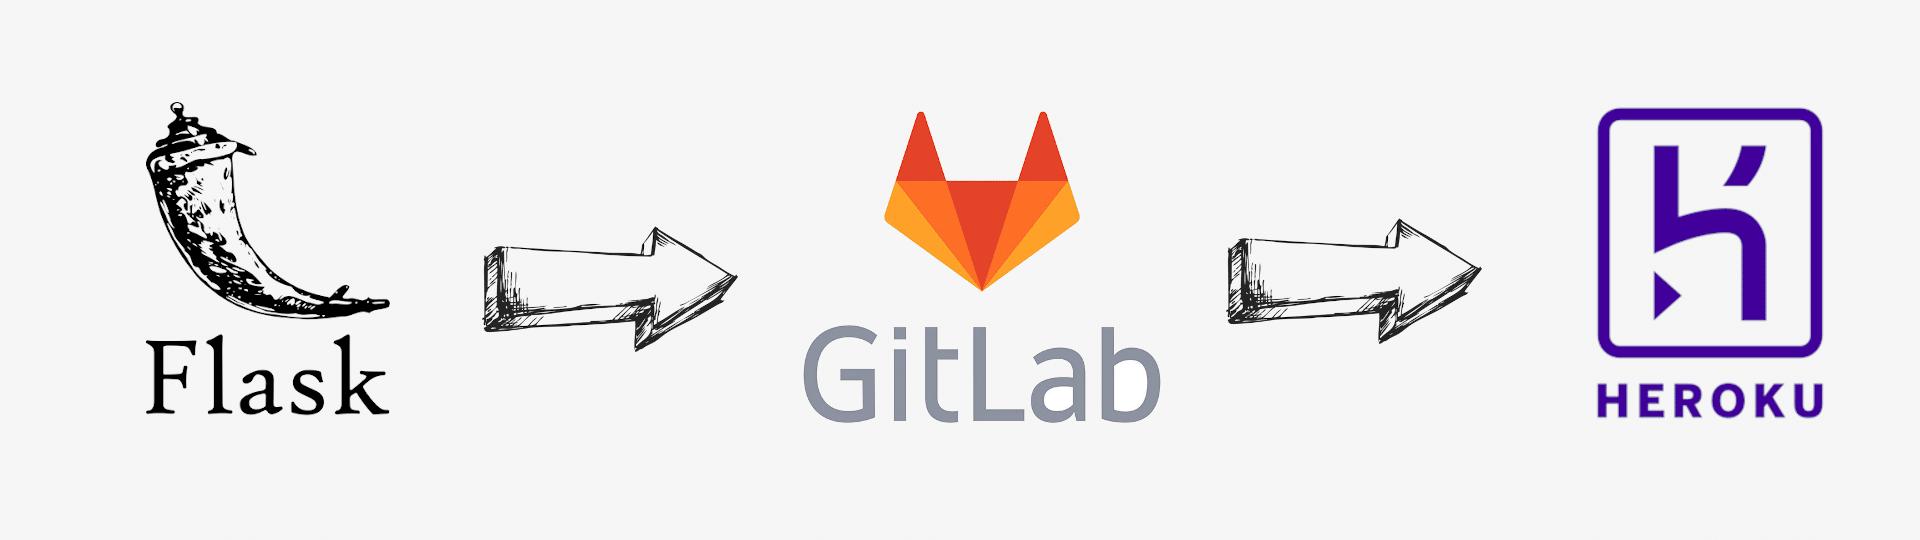 easily-deploy-python-flask-app-with-gitlab-heroku